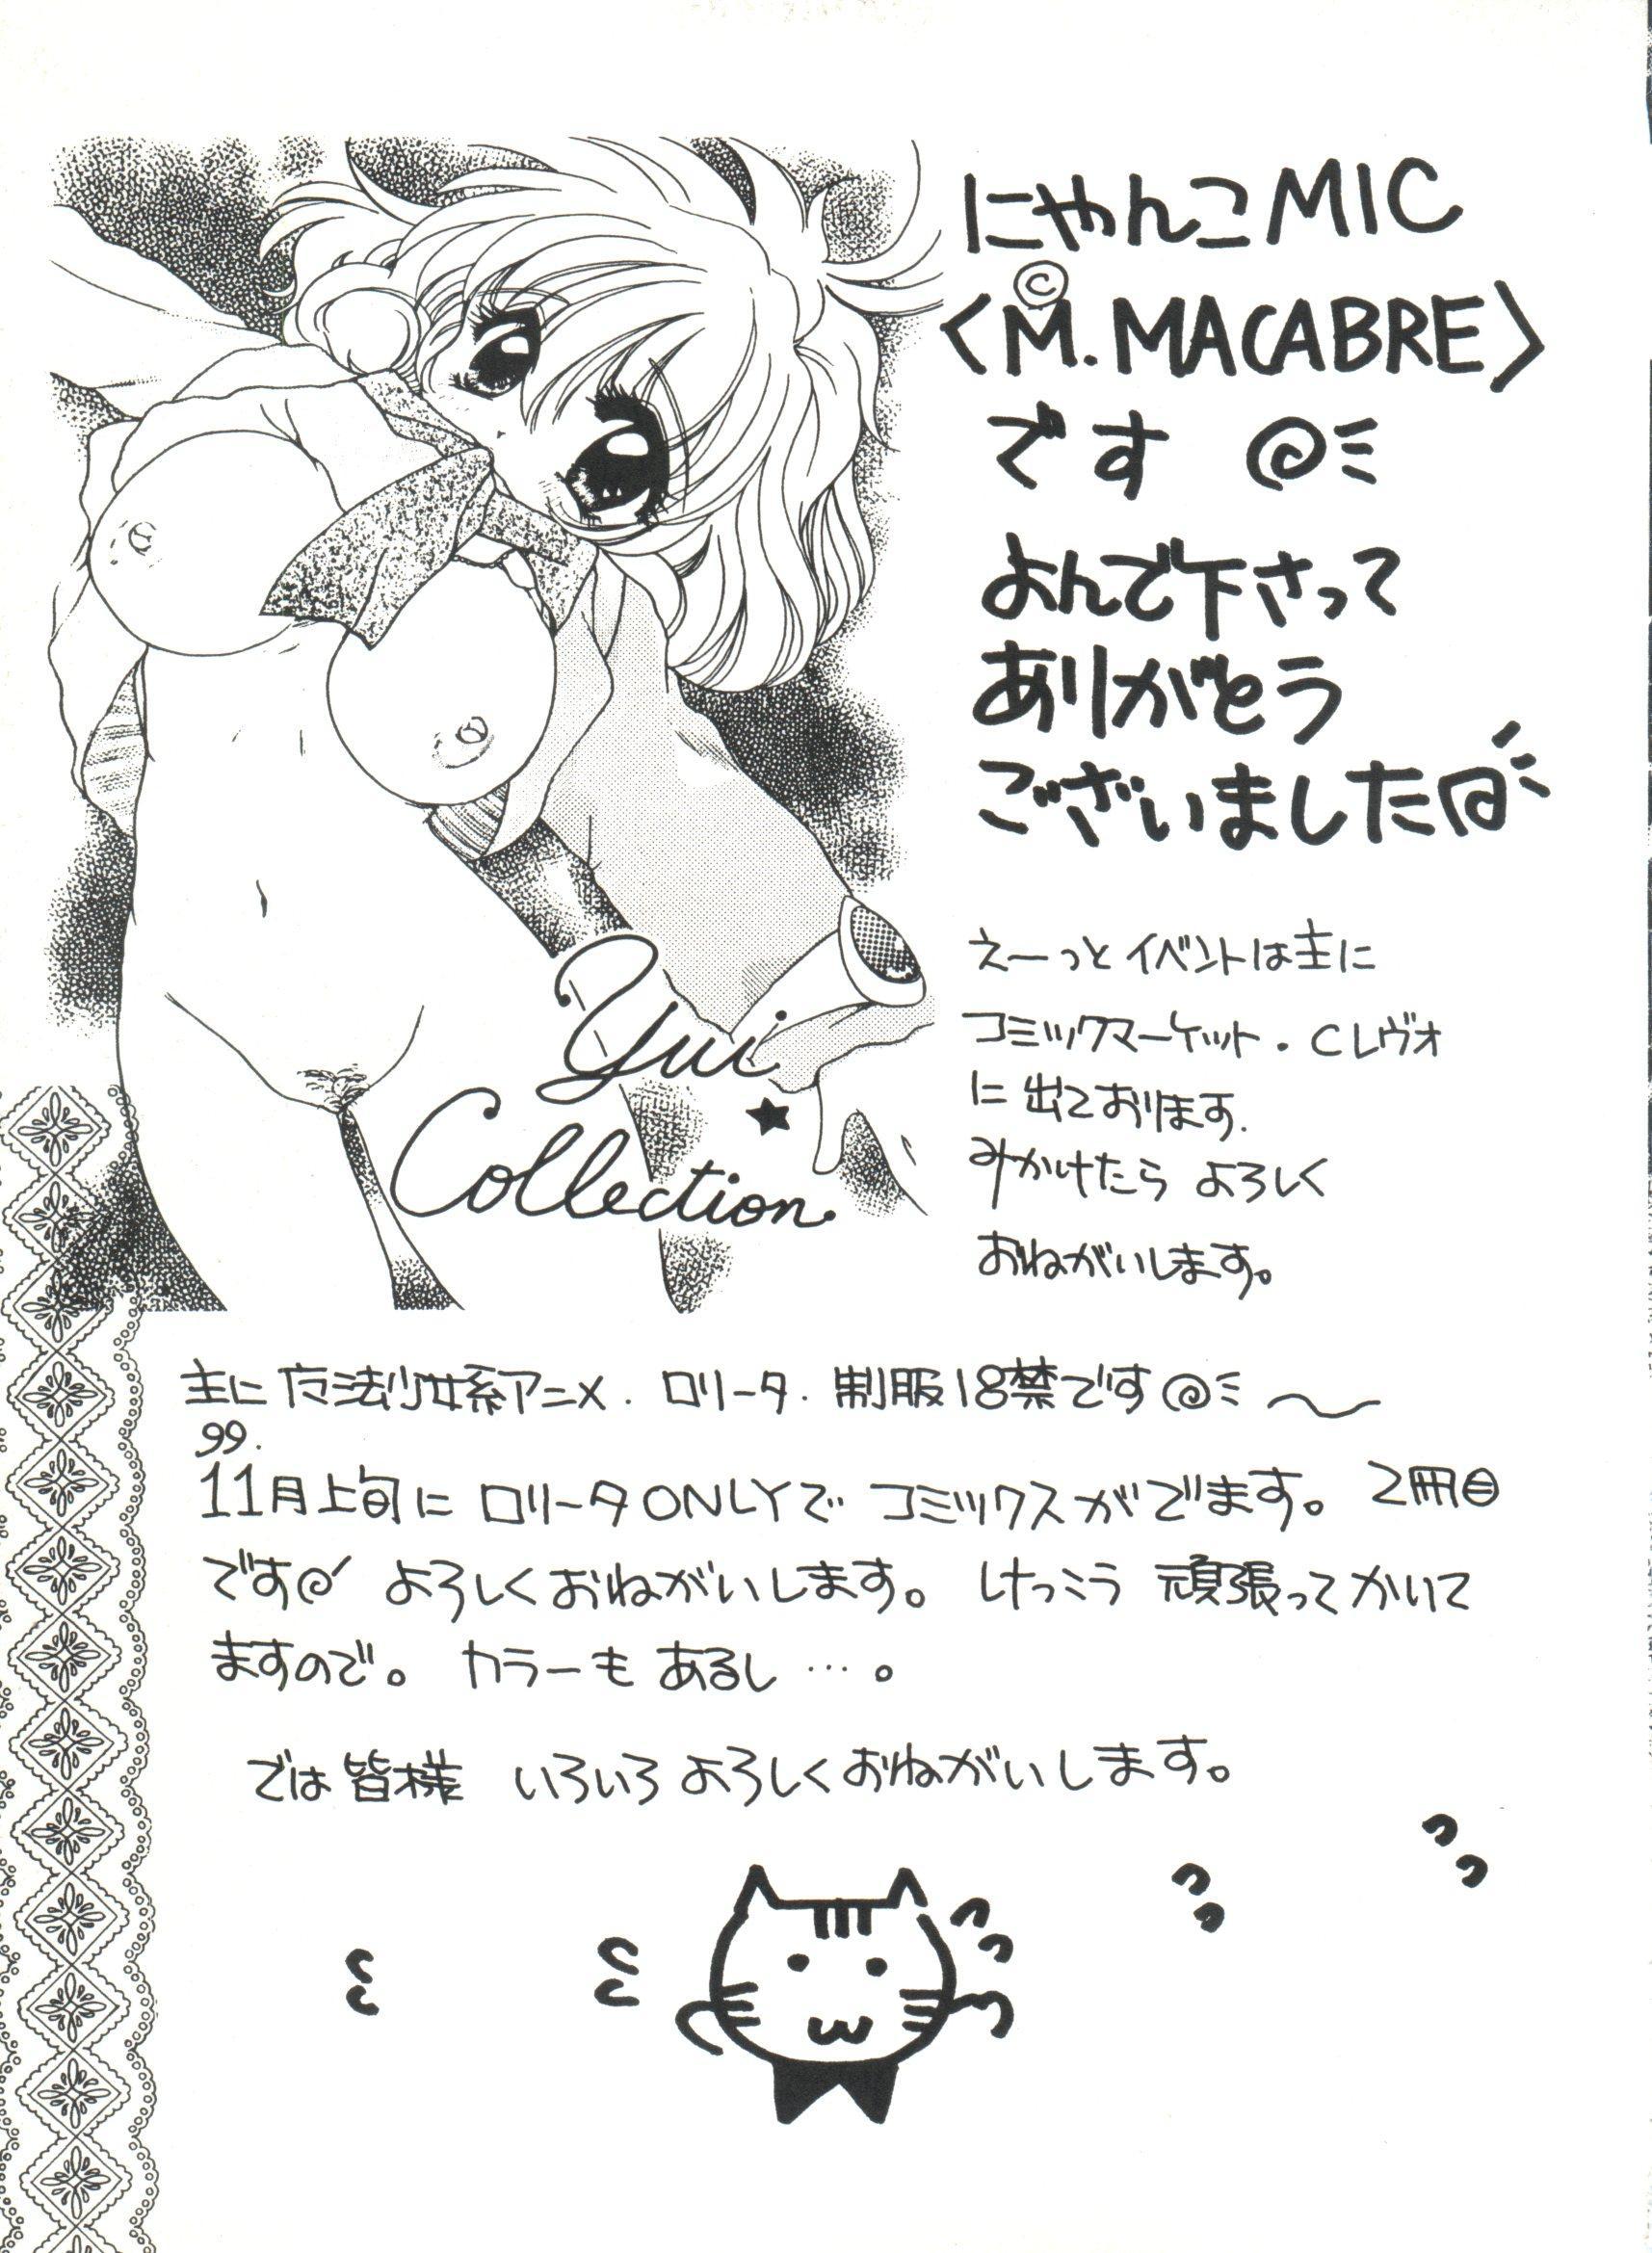 Bishoujo Doujinshi Anthology Cute 4 26